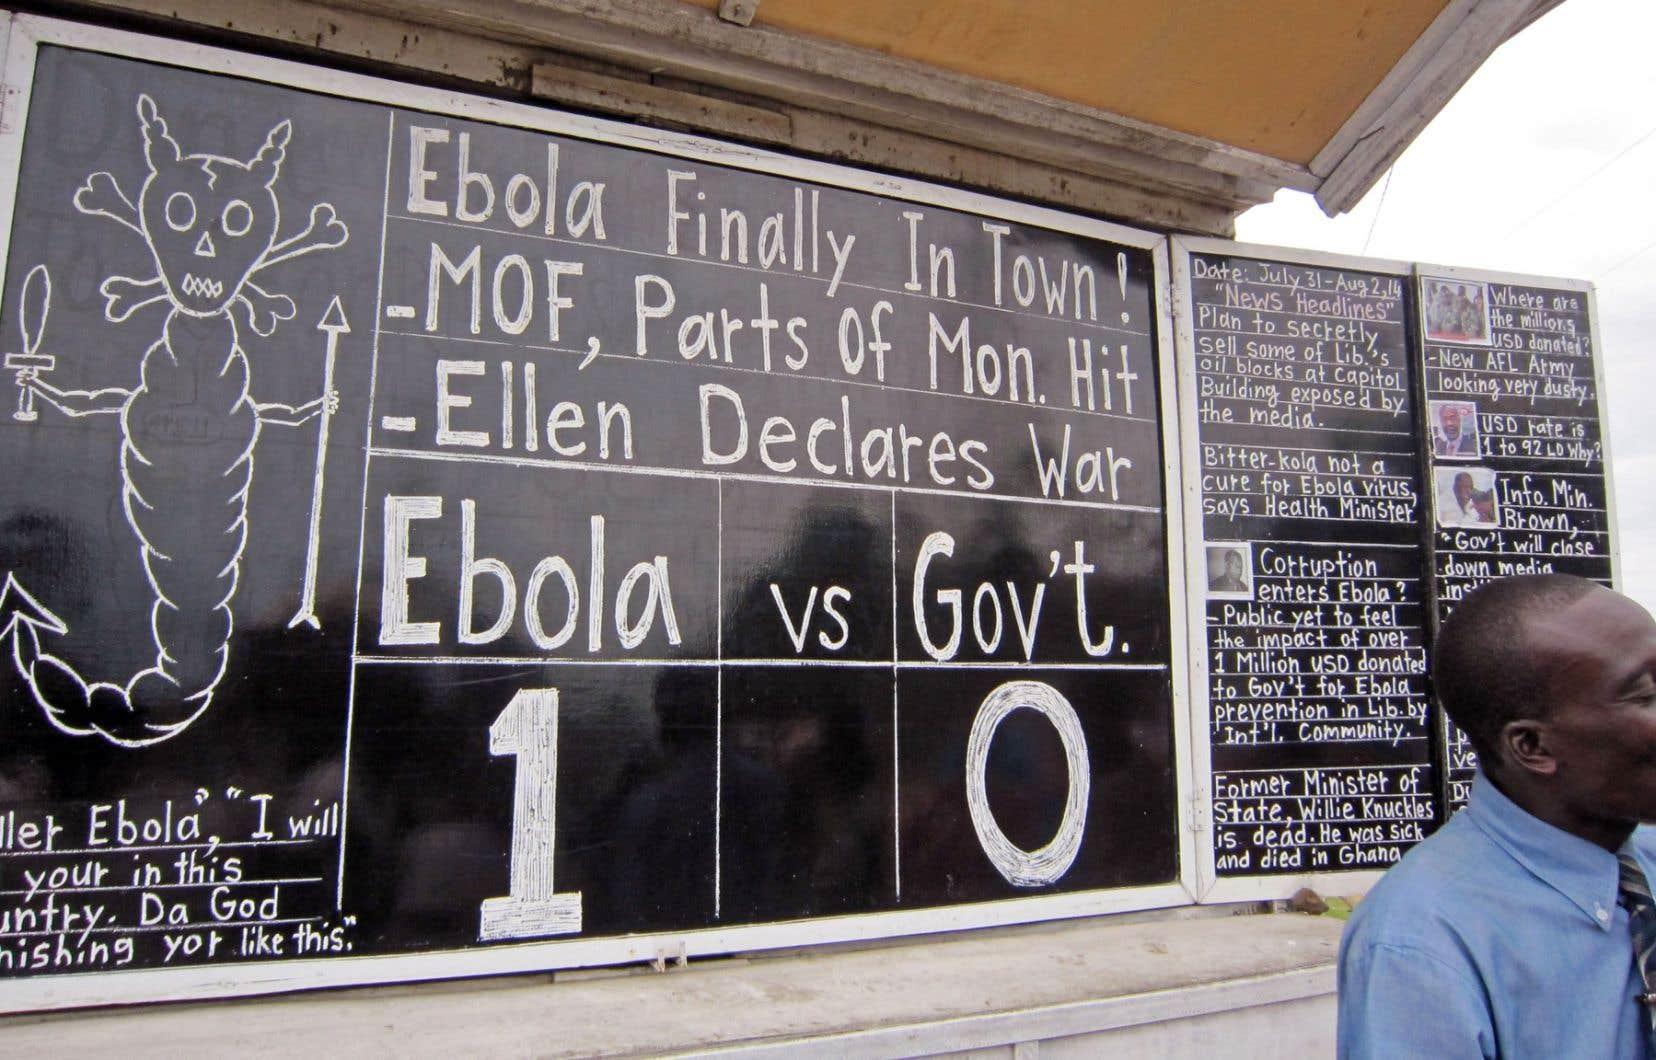 L'orateur public Alfred Sirleaf commente l'actualité, entre autres les ravages du virulent virus Ebola dans quatre pays africains maintenant, en présentant sur son tableau noir les faits saillants à la foule qui se rassemble devant lui sur une place publique de la capitale du Liberia, Monrovia.